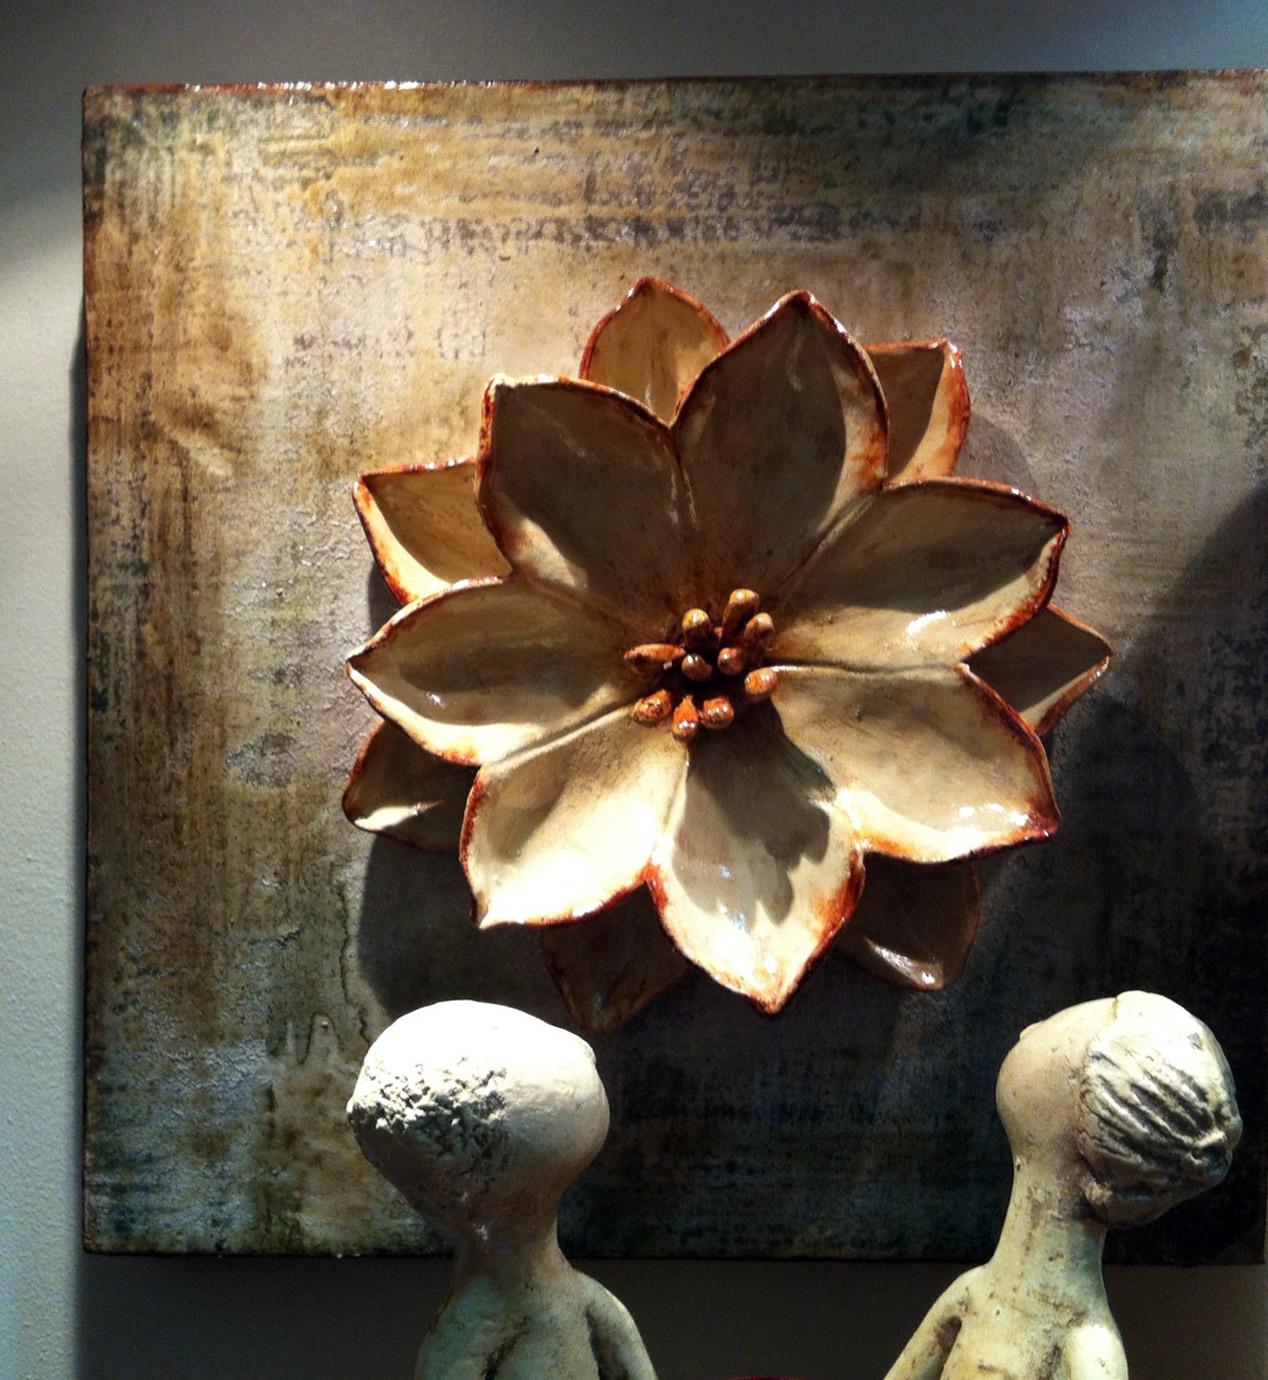 Mexican Artisans Bring New Home Decor To Atlanta Design